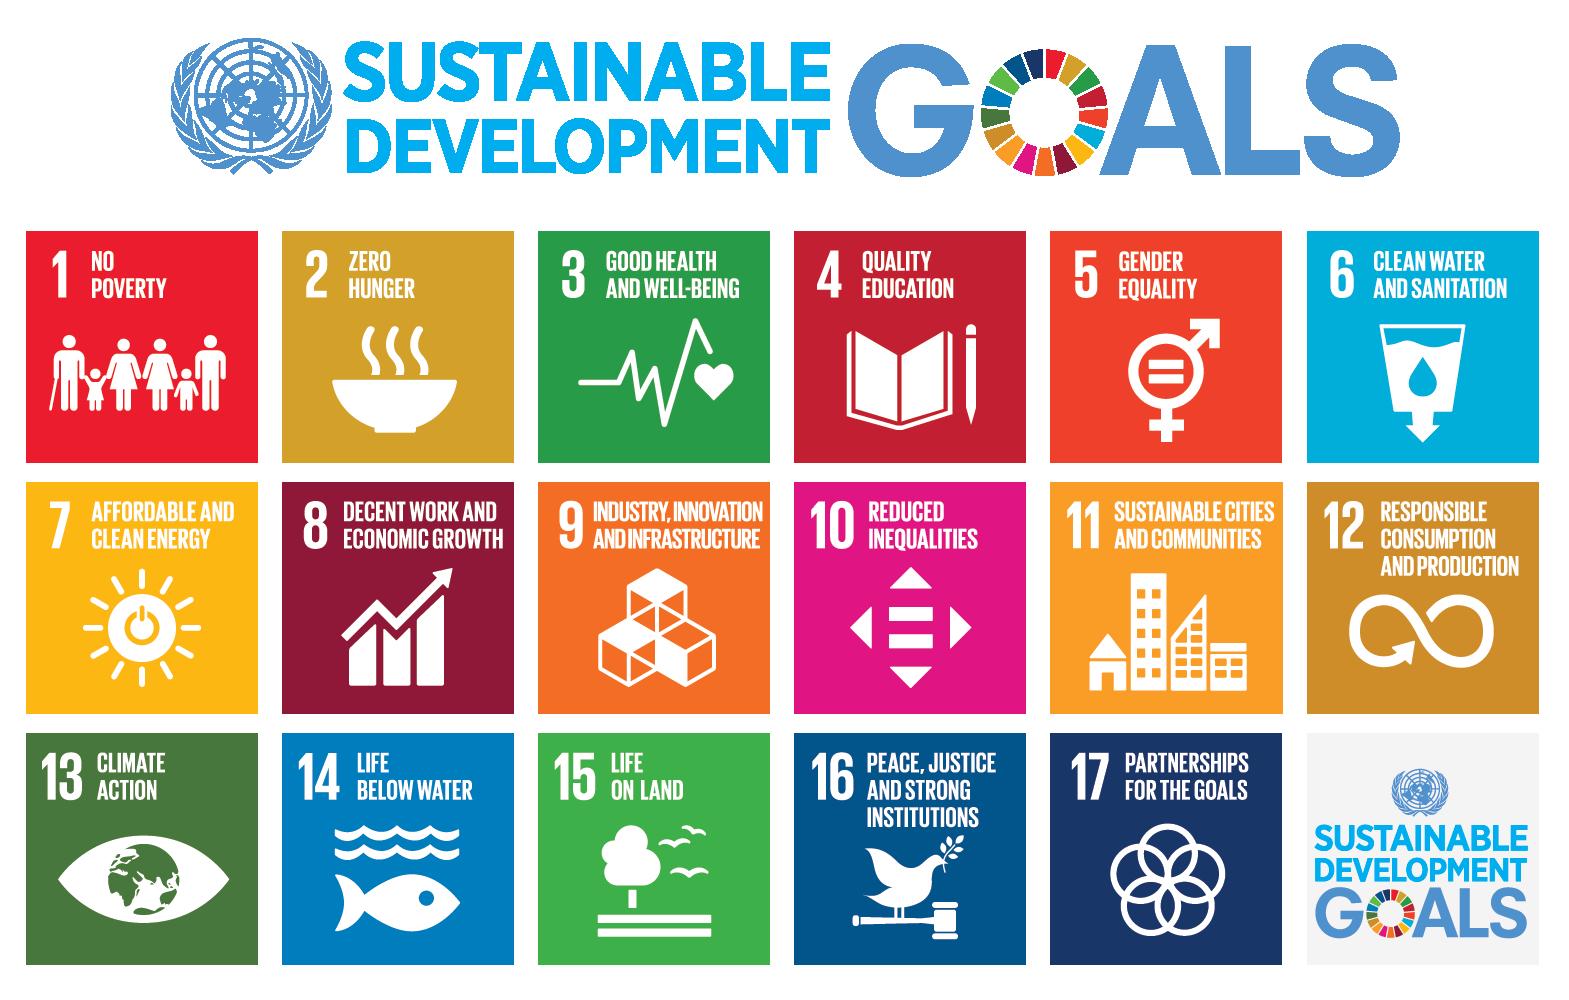 UN Sustainable Development Goals. Long description available.